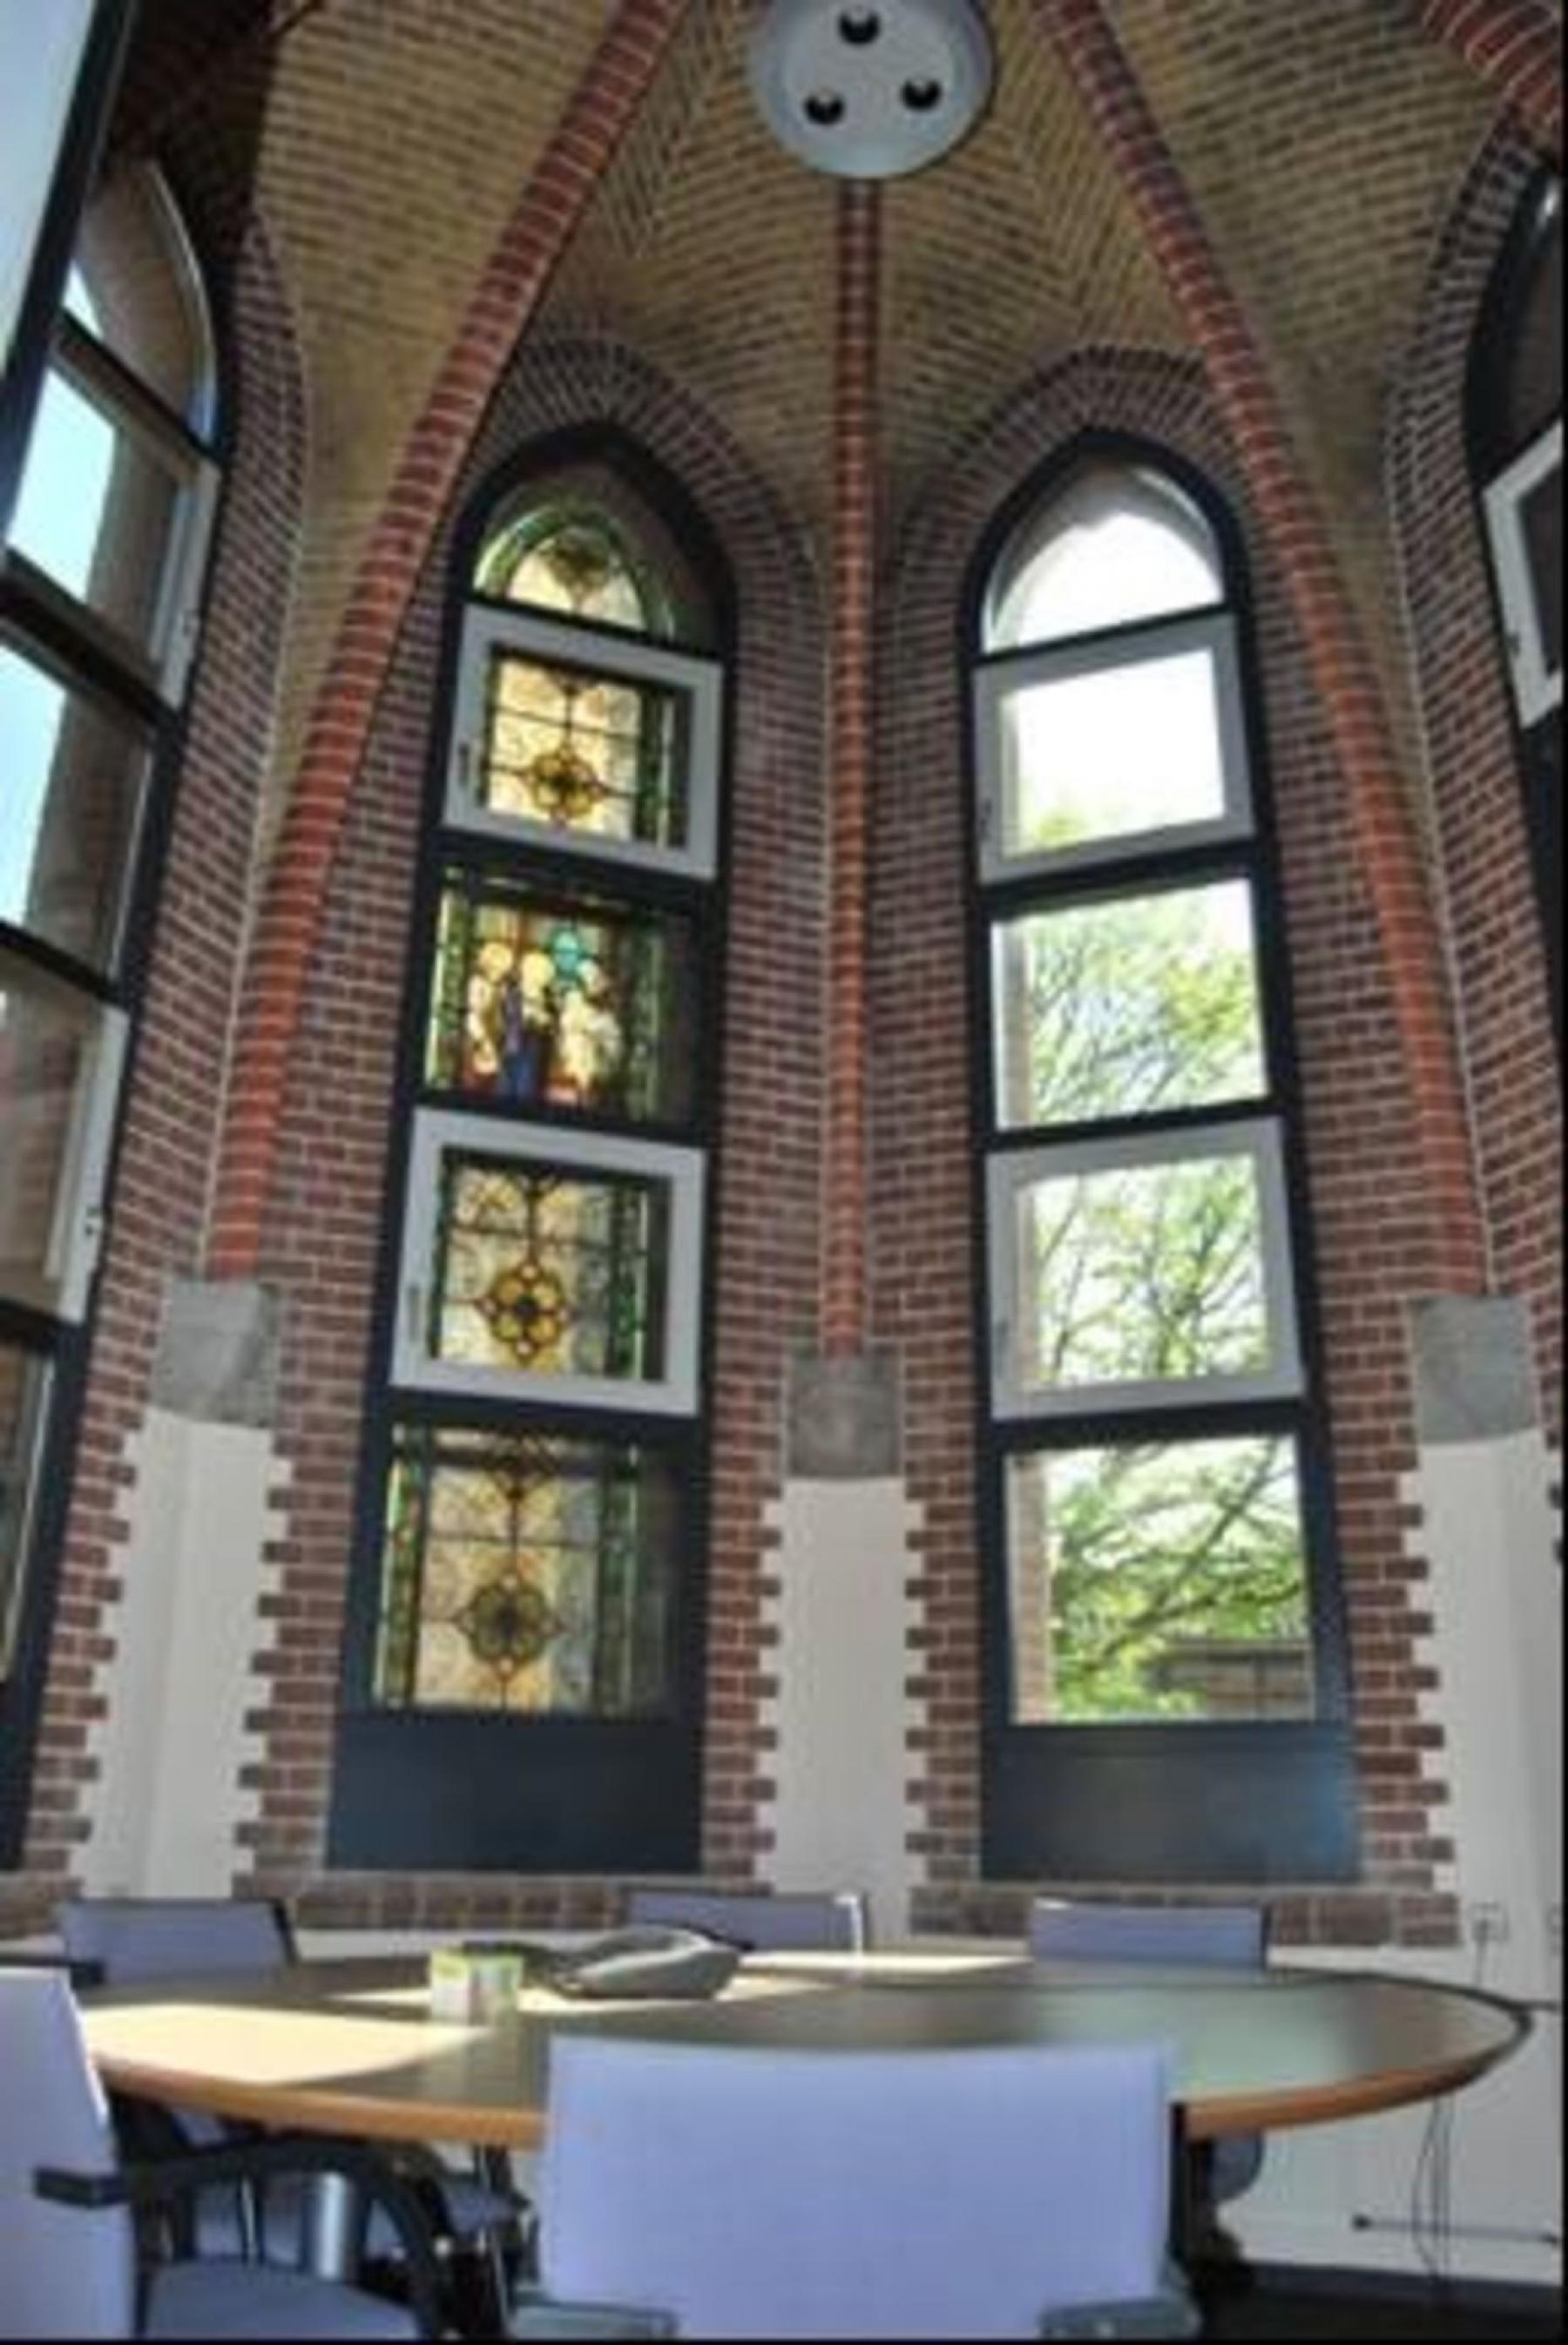 Paul Krugerstraat 41 - Haarlem